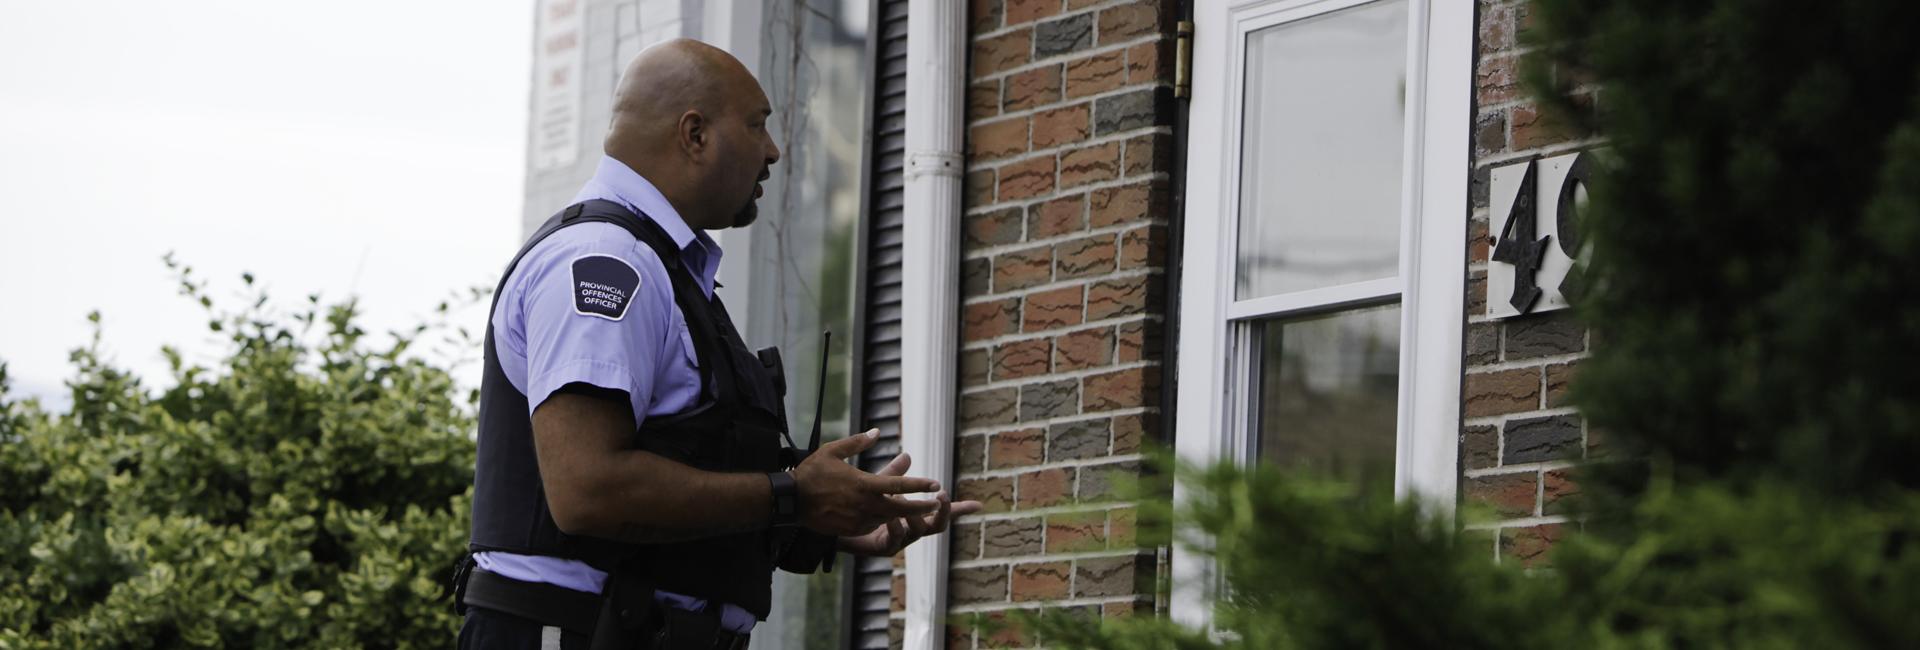 Municipal Law Enforcement Officers/